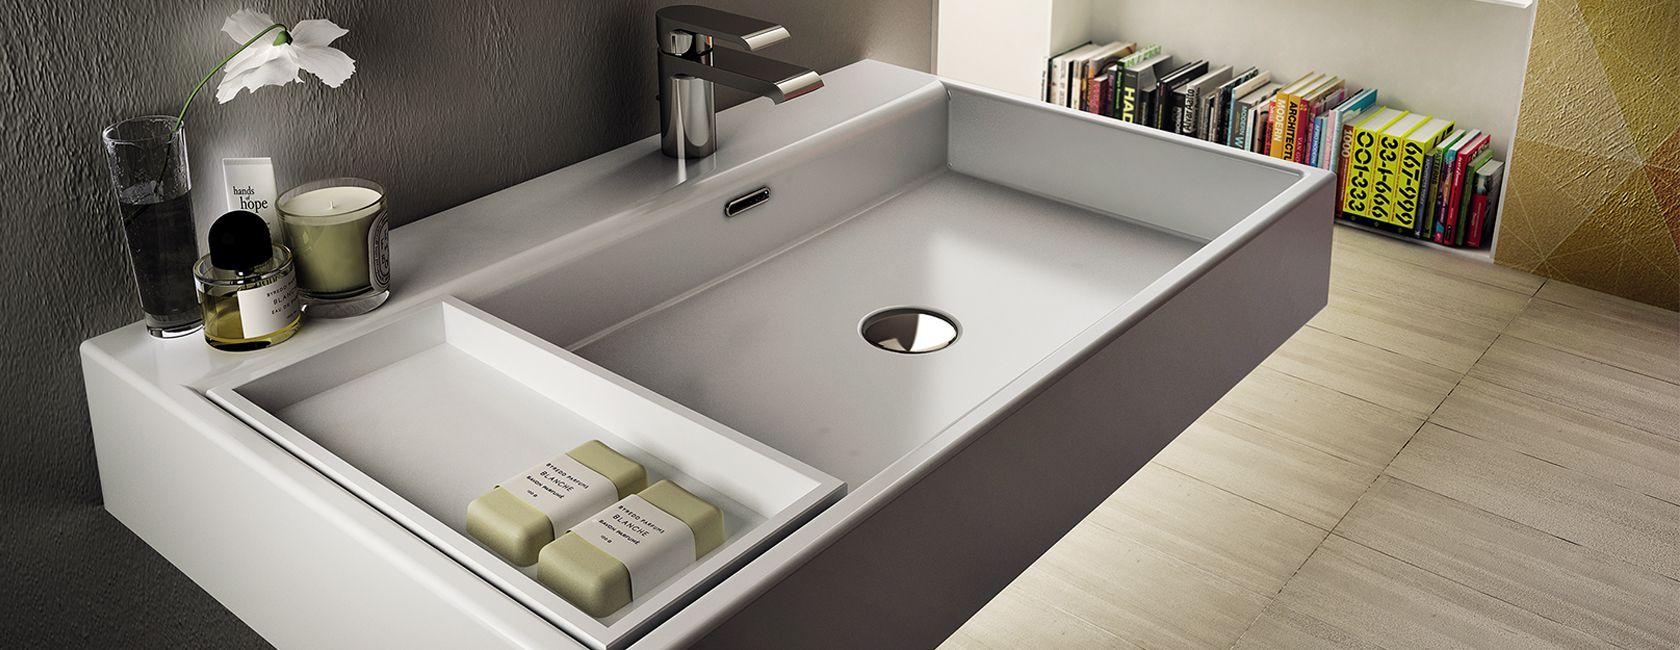 Lavabi TEUCO | Collezione MIA | Arredo bagno | Pinterest | Bagni e Bagno